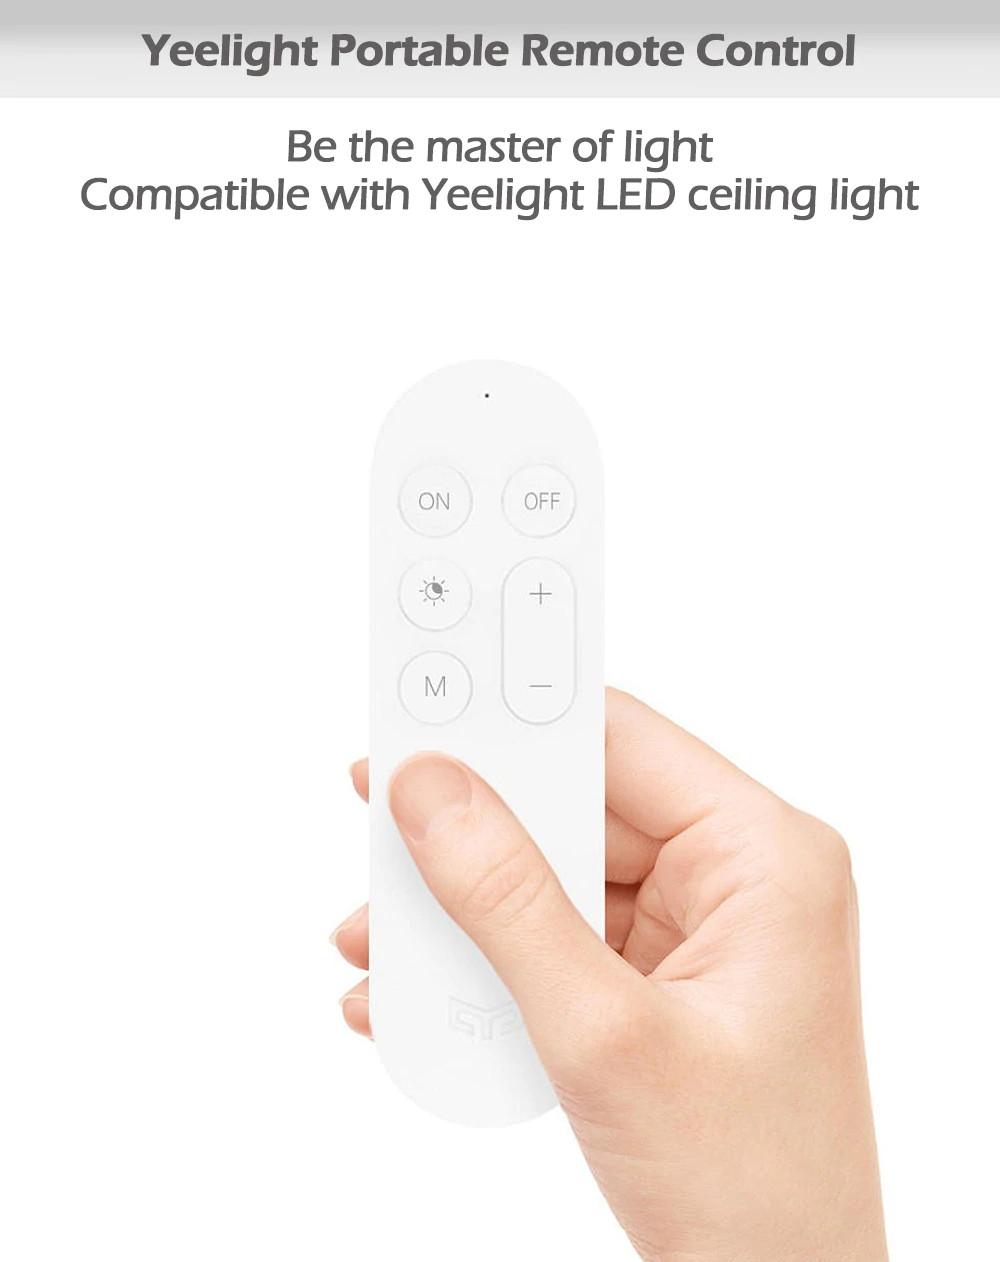 xiaomi yeelight remote control